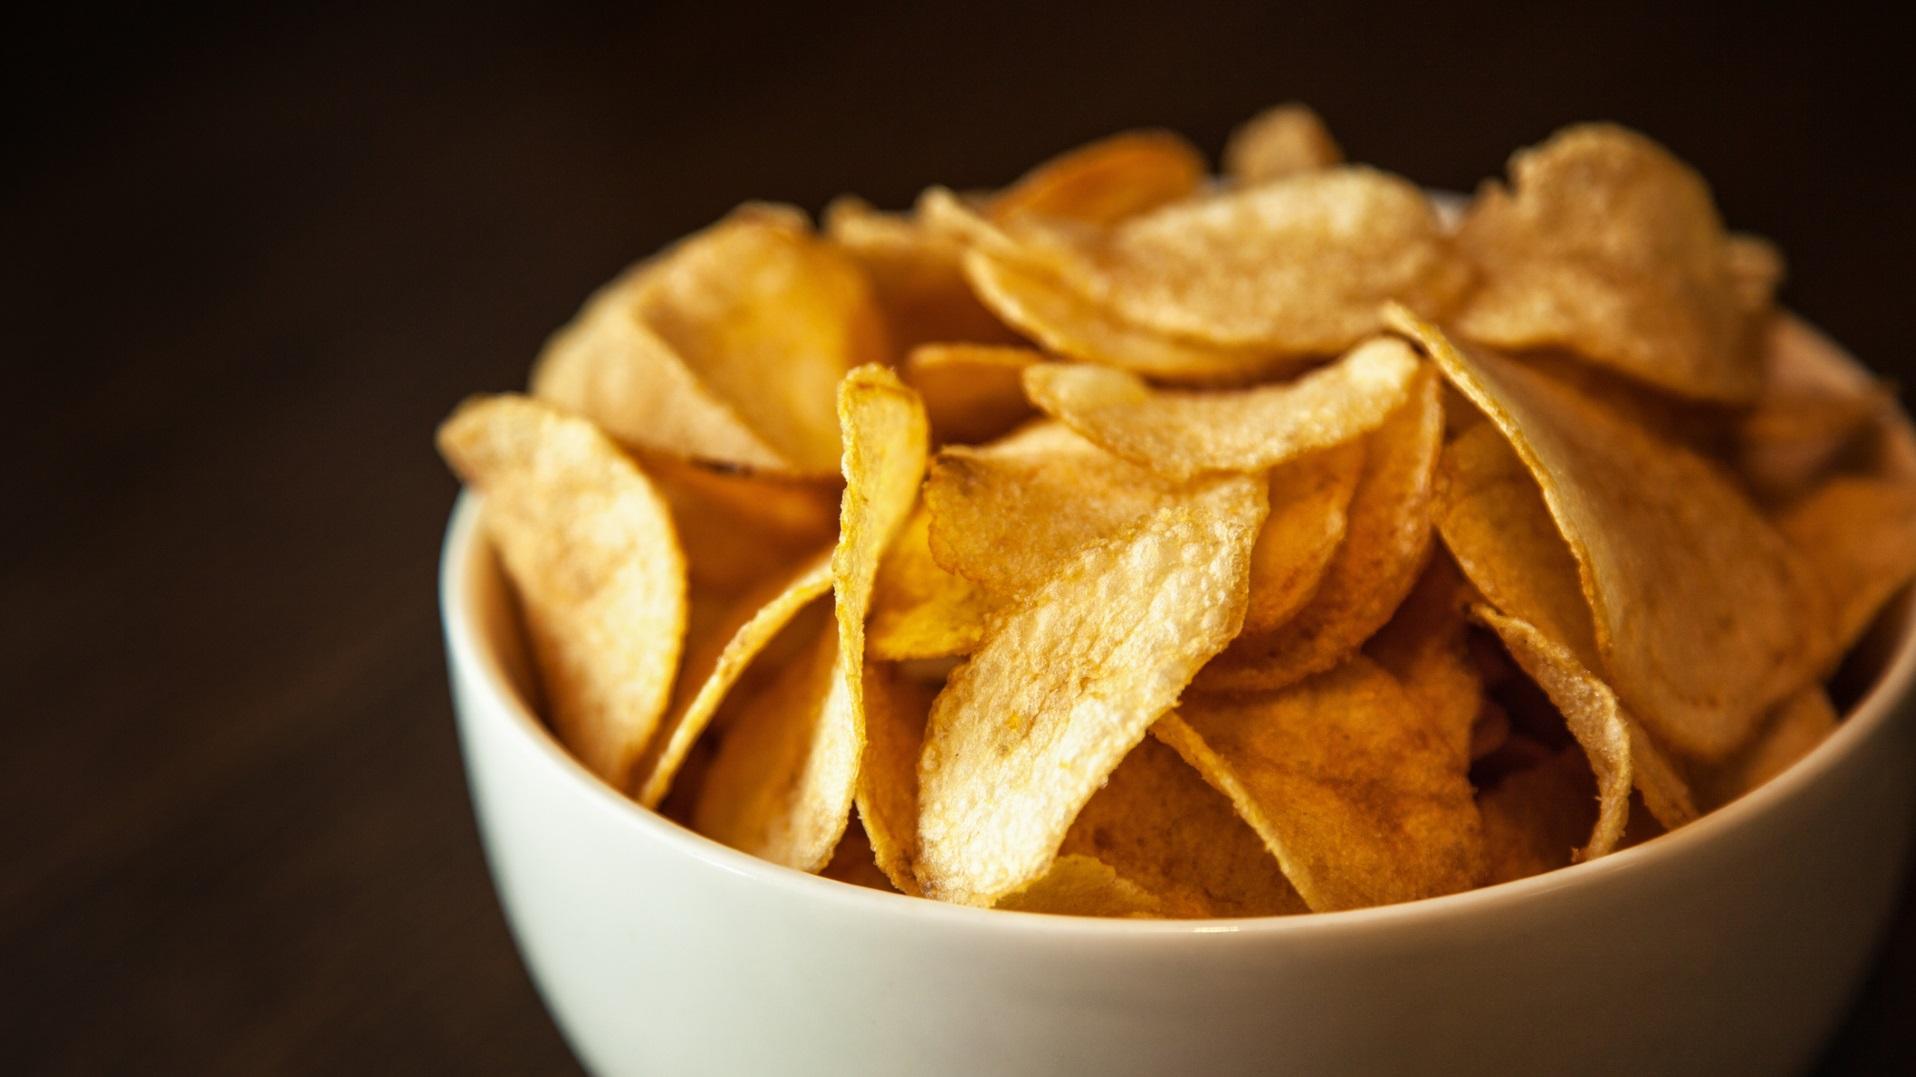 <p><strong>Консумирате празни калории</strong></p>  <p>Погледнете опаковката на чипса и ще видите, че той е богат на калории, мазнини и натрий и &hellip; почти нищо друго. Реално липсва хранителна стойност, което означава, че ще огладнеете по-бързо и ще искате още храна.</p>